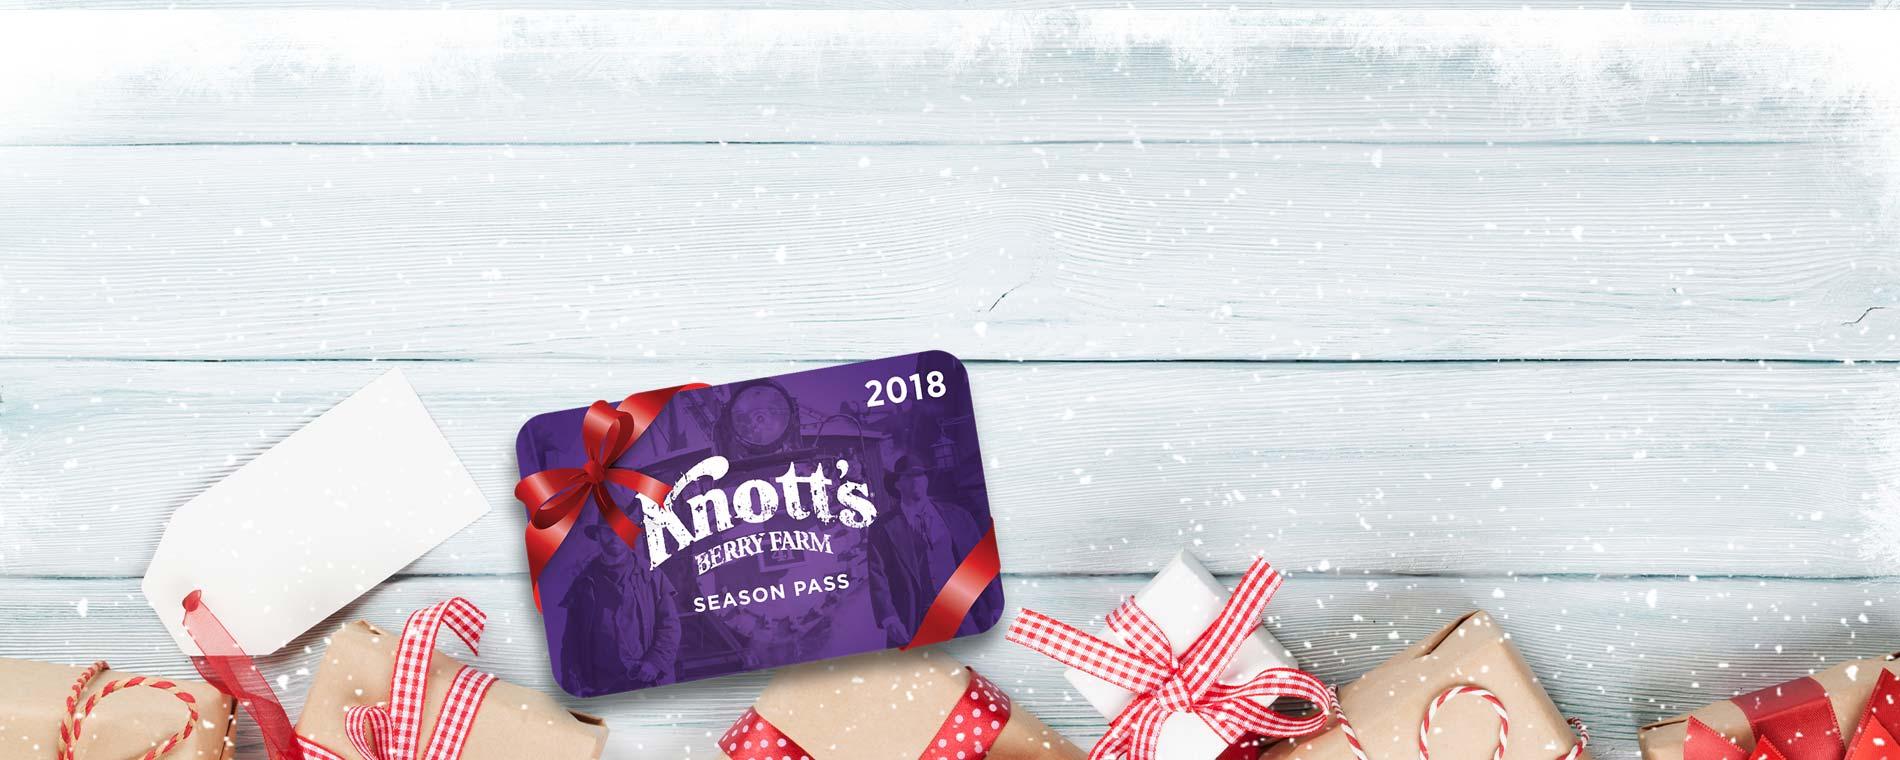 Knotts berry farm season pass coupon 2018